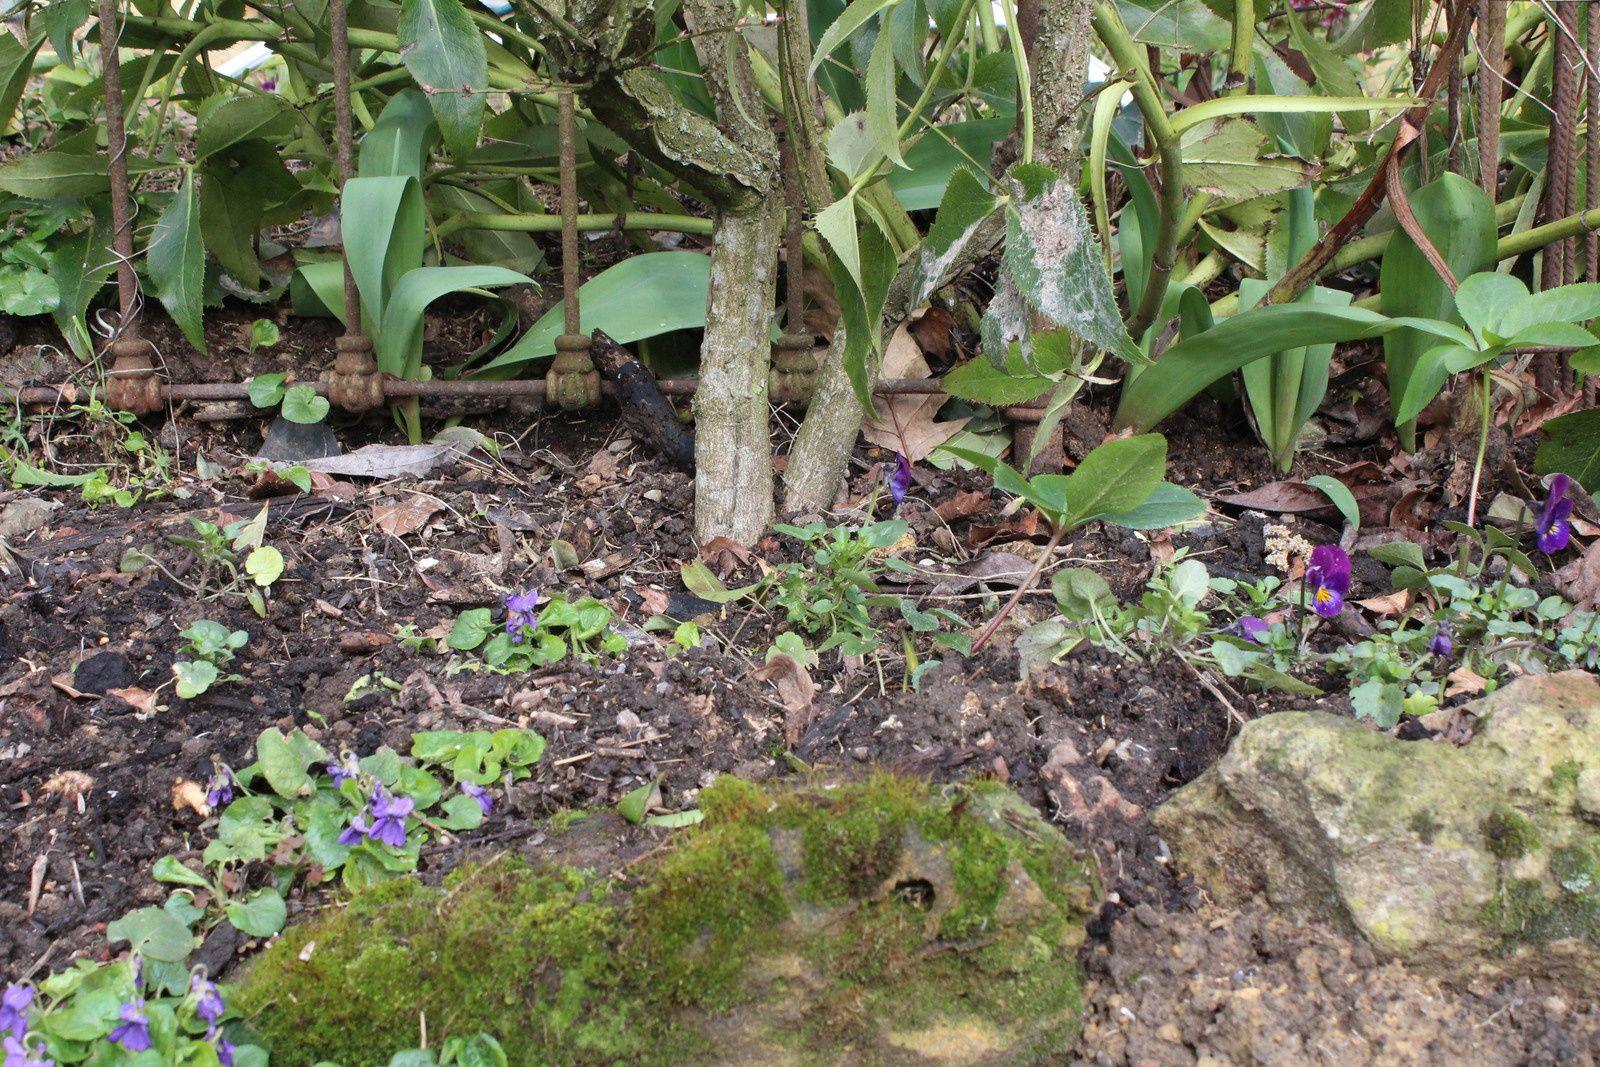 Cette année recrudescence de violettes partout dans le jardin  la météo leur à plu.les violettes roses sont là merci ingrid ,les violettes doubles de toulouse aussi ,celle de fred vont bien, les blanches, les violettes, les pourpres ...  c'est génial tout ça .